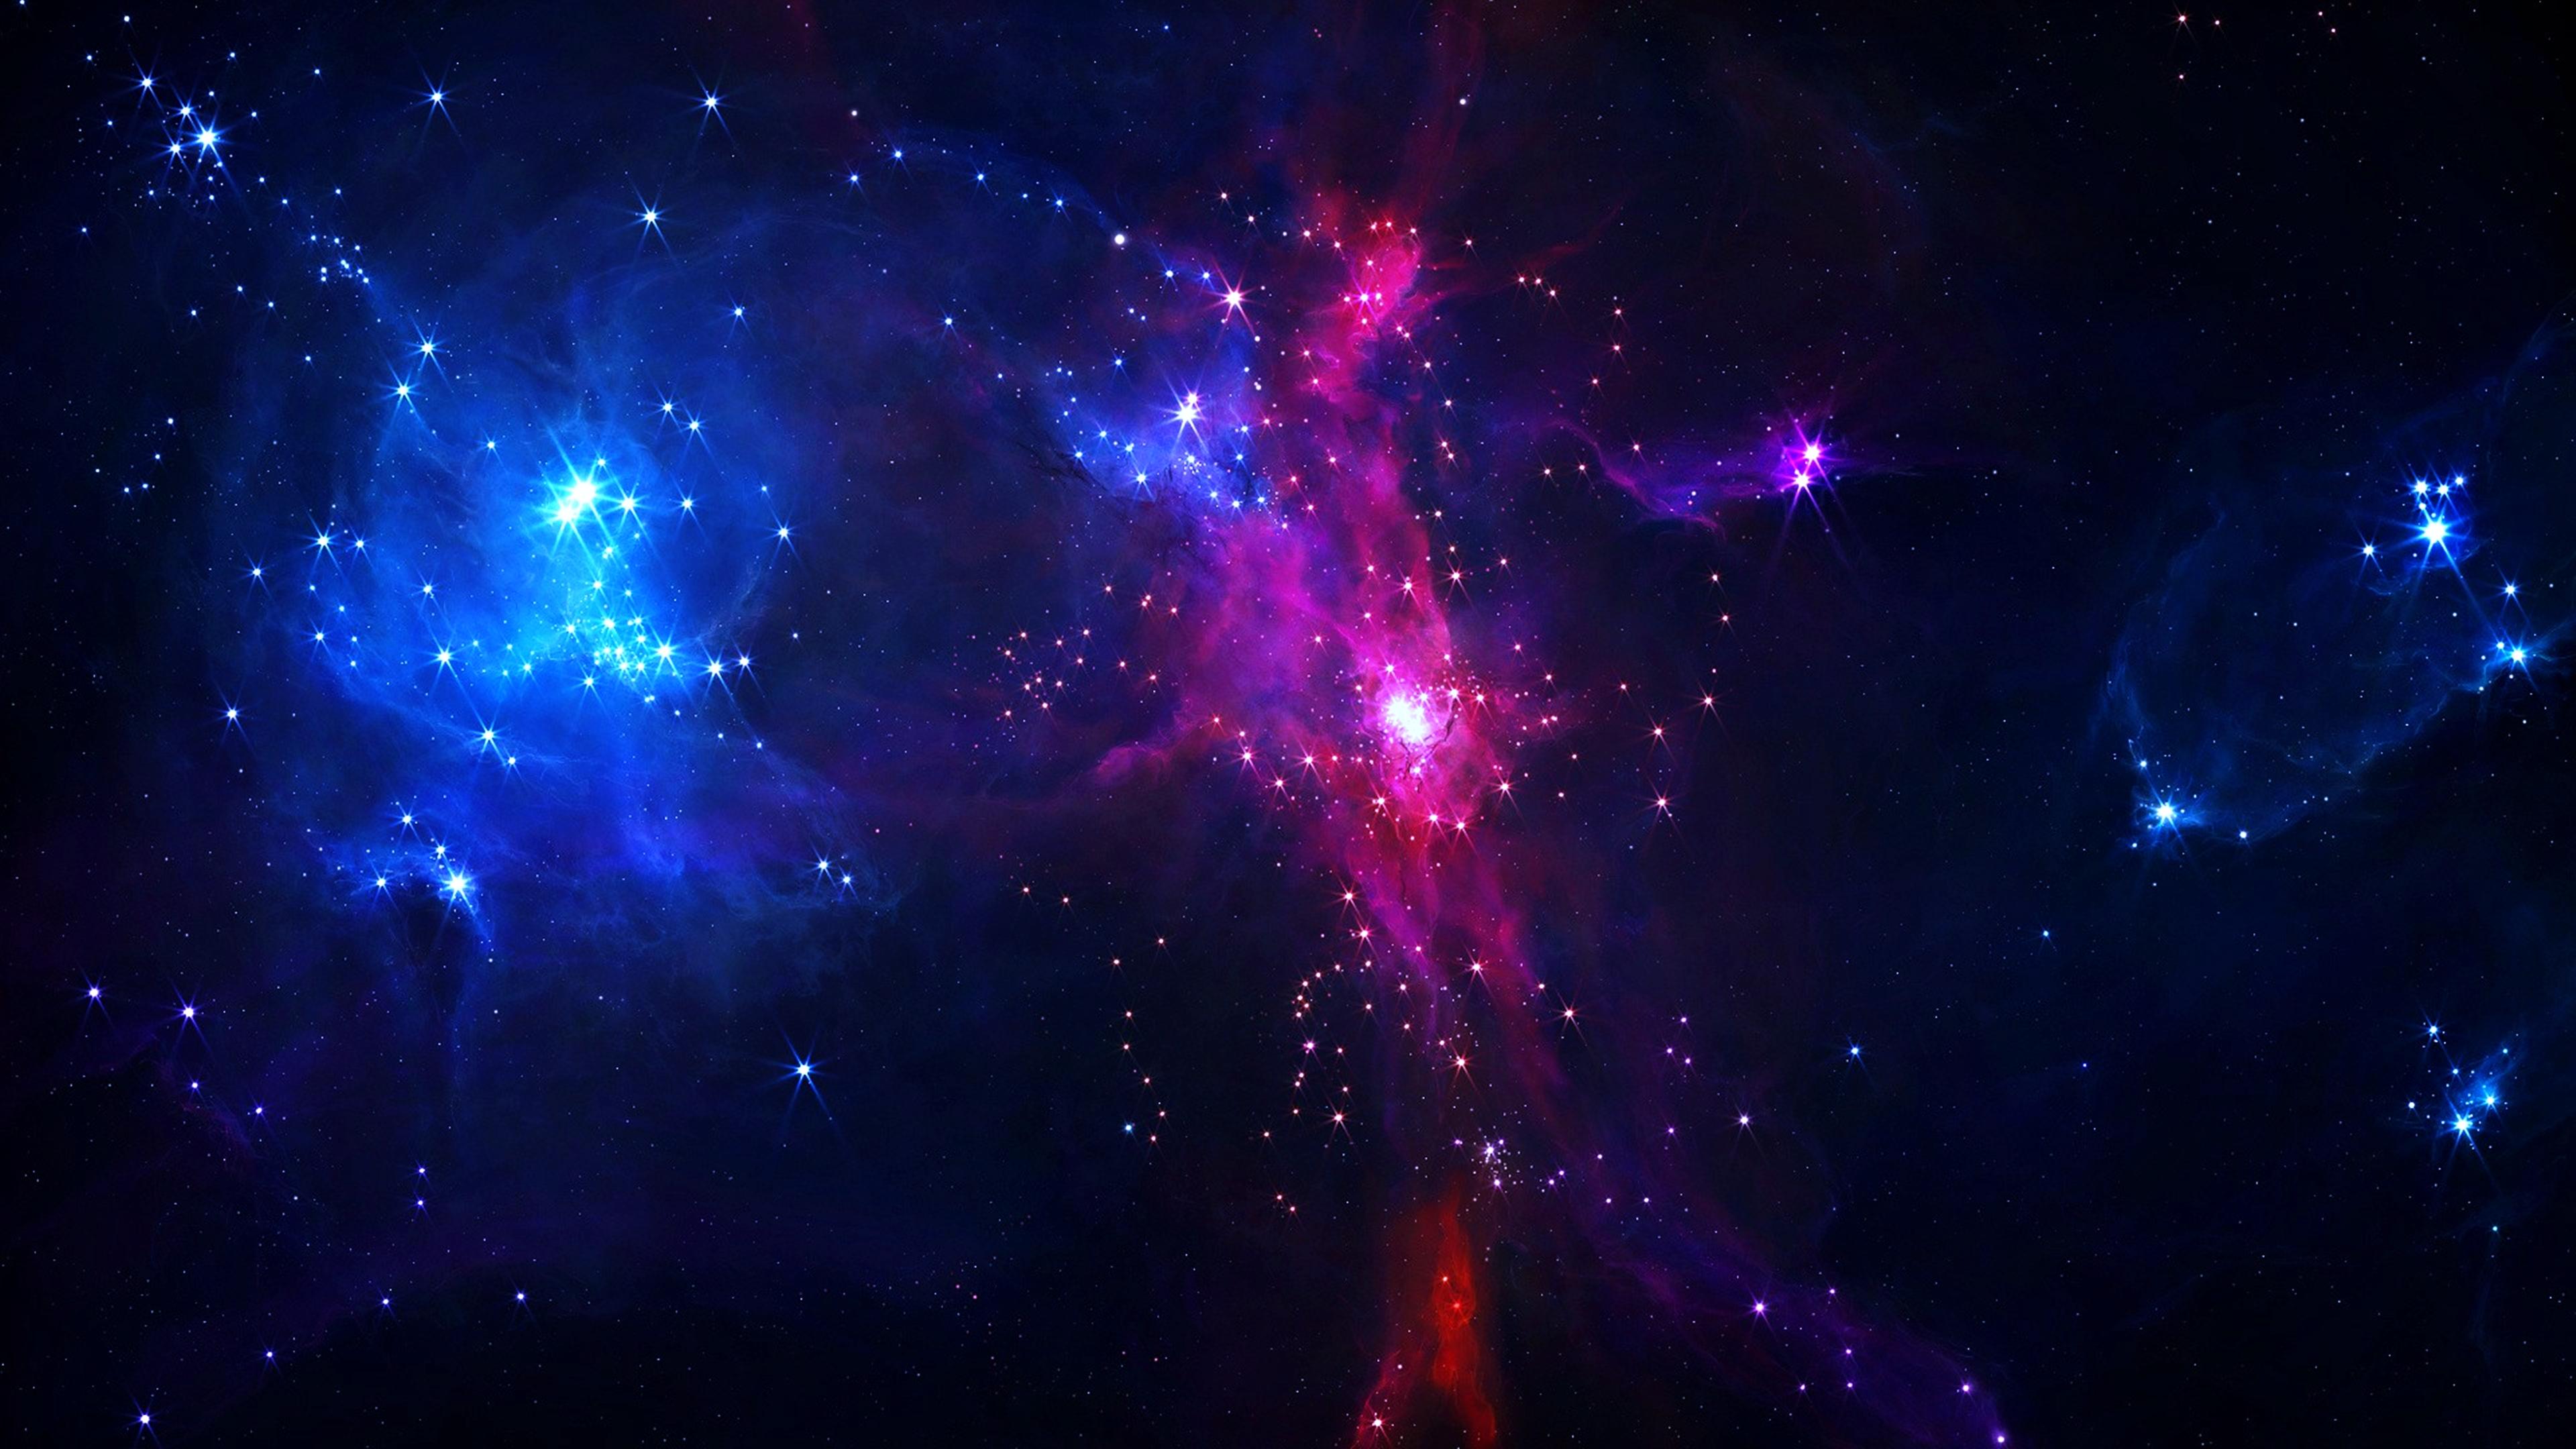 Обои Свет от туманности картинки на рабочий стол на тему Космос — скачать без регистрации